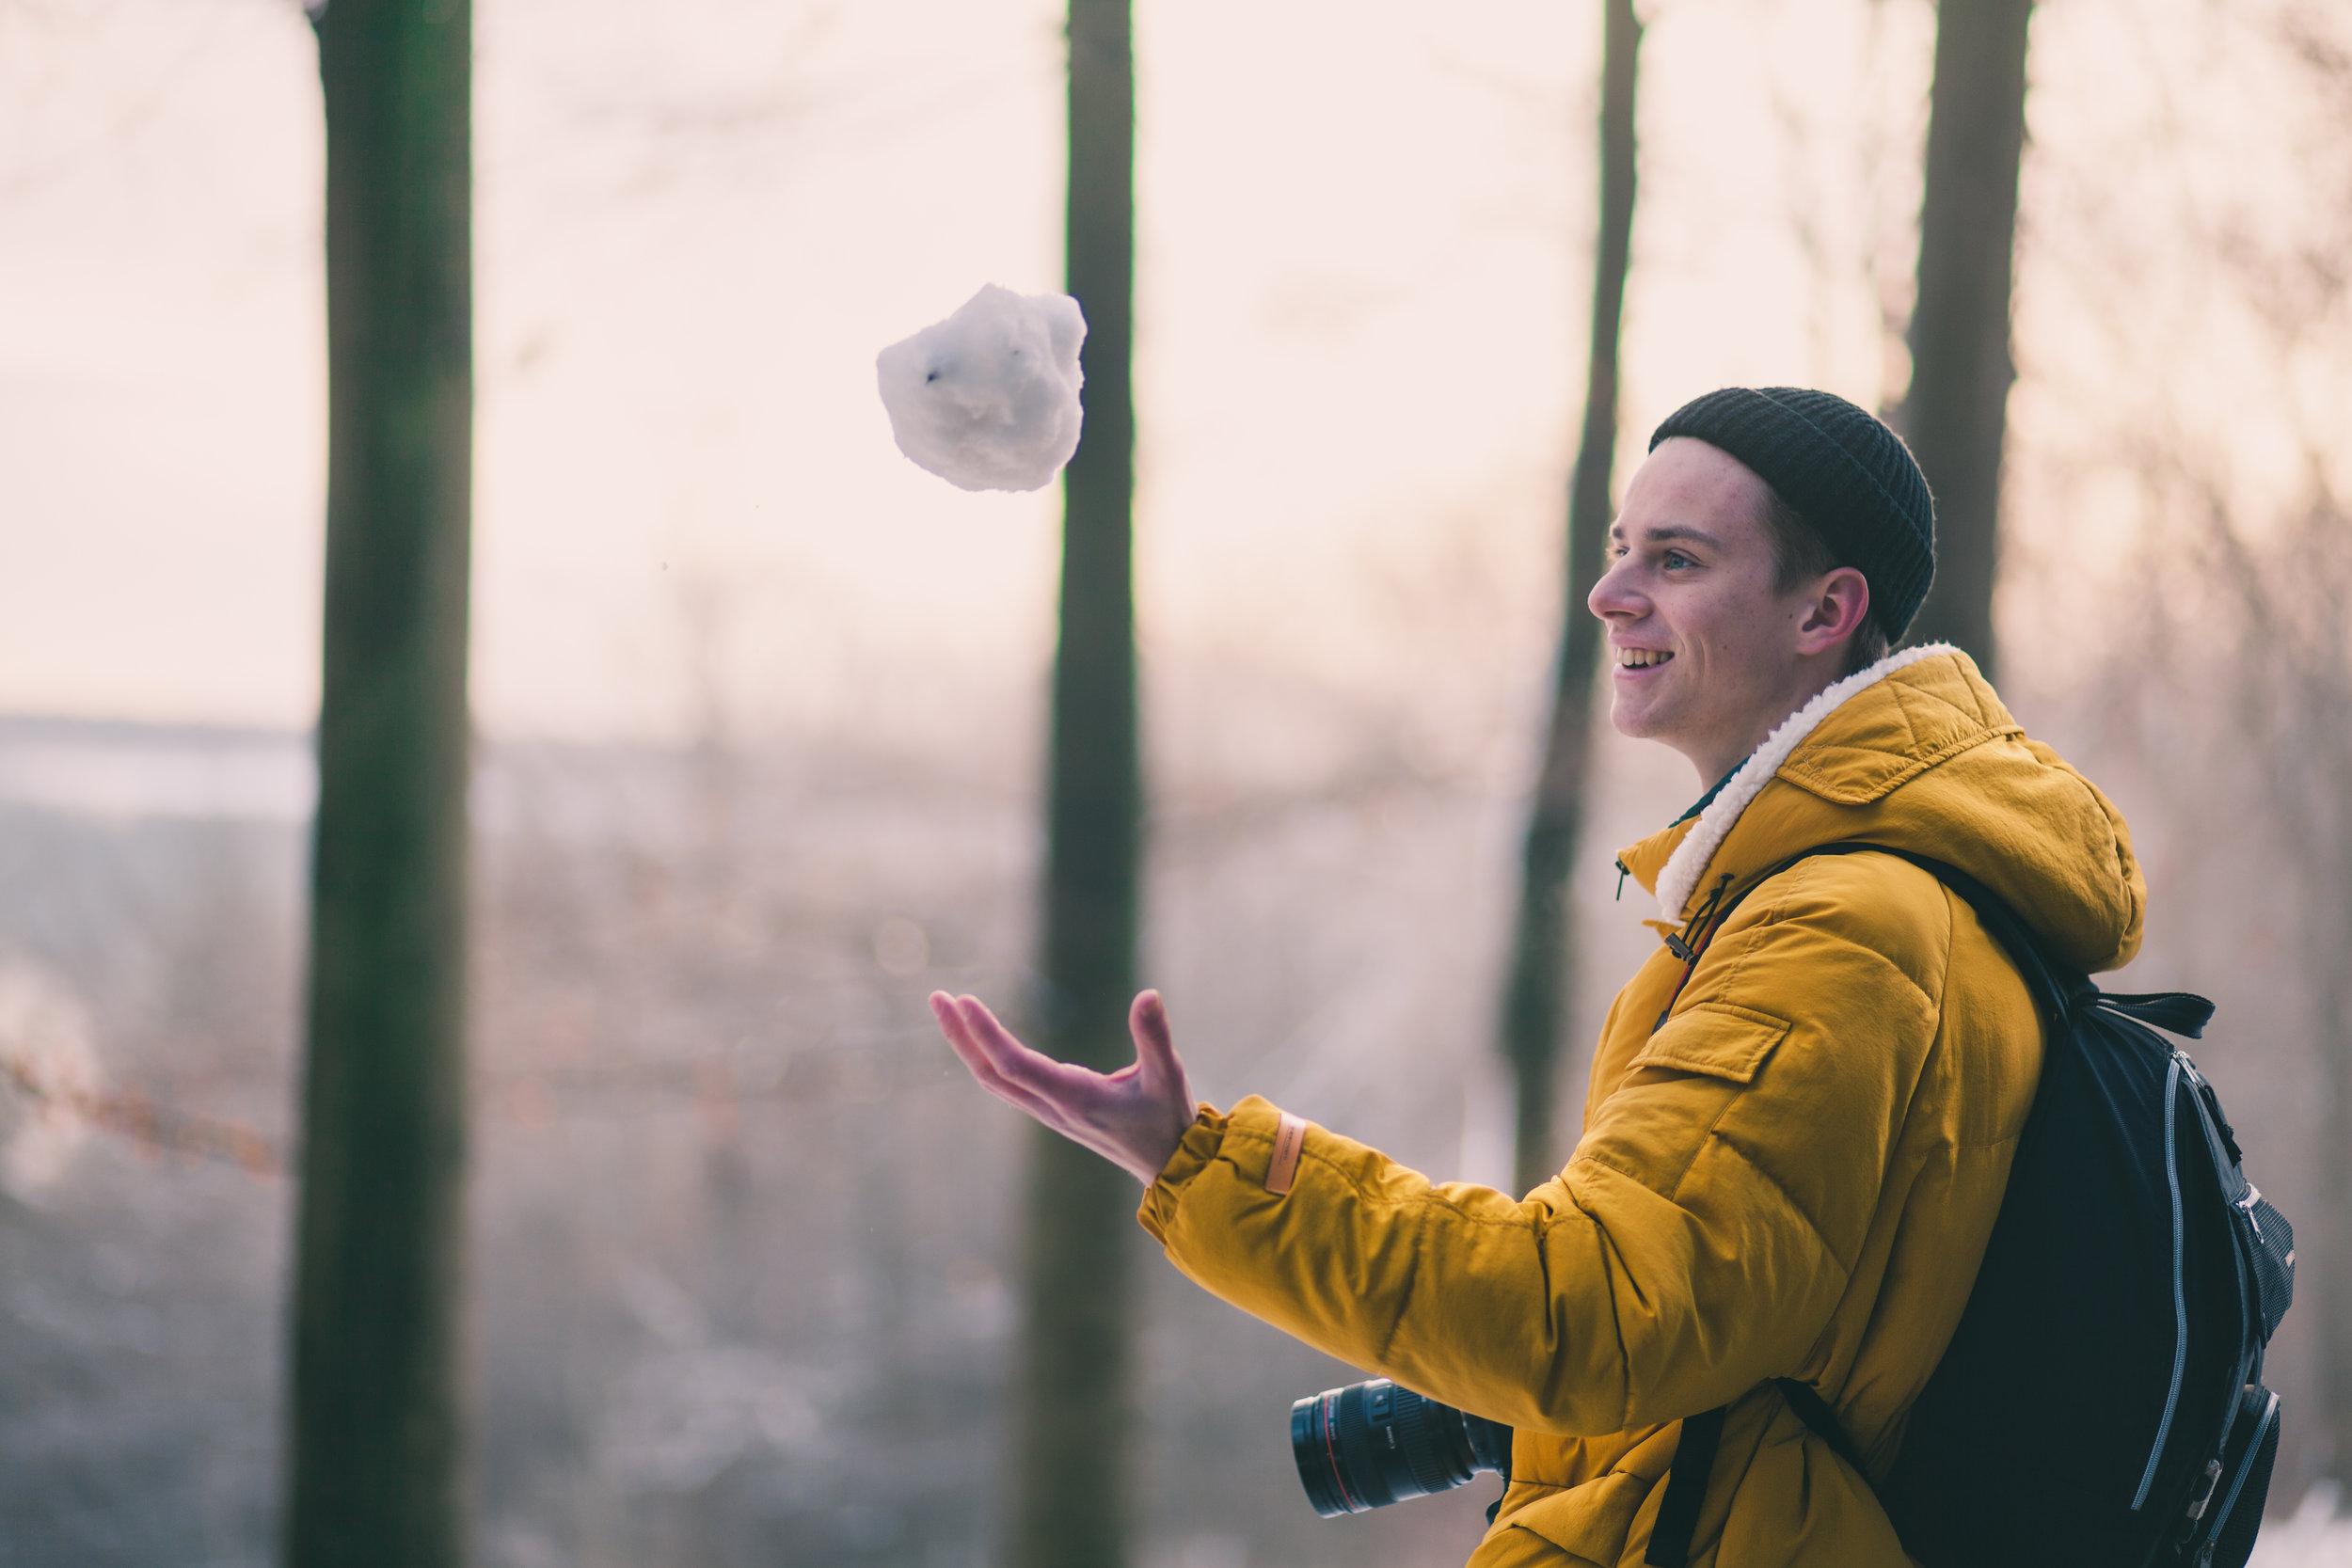 A man holding a snowball.